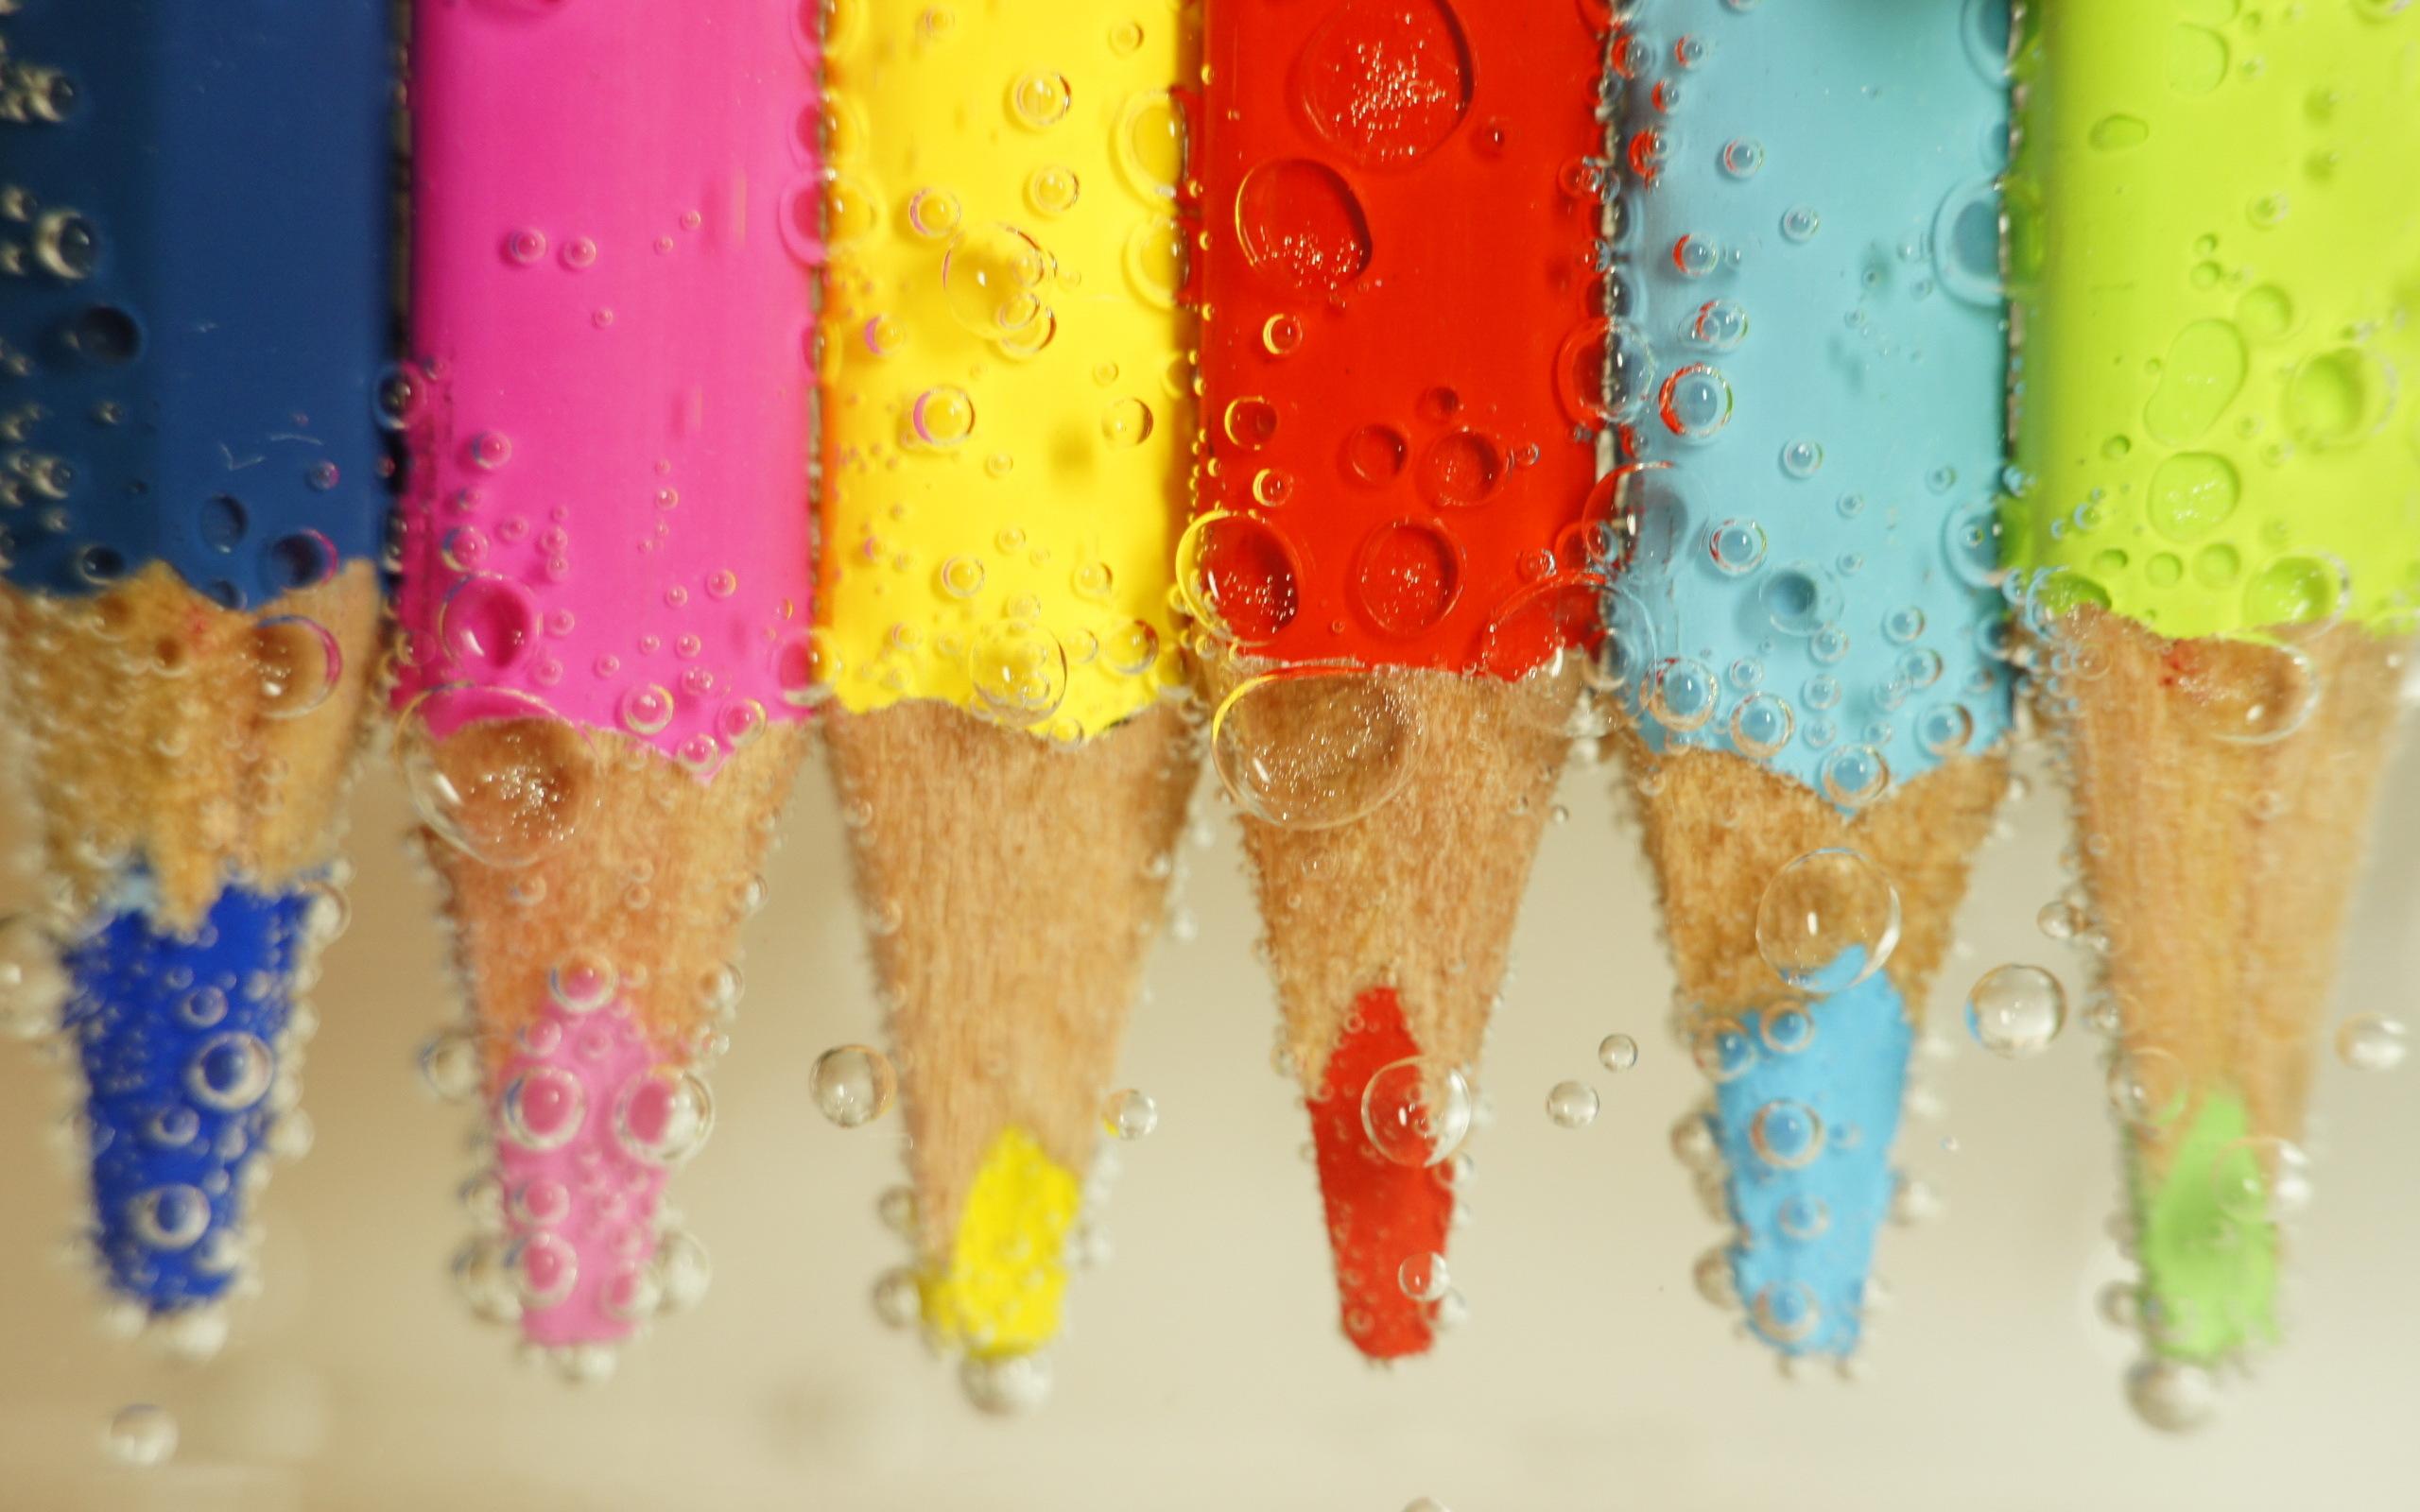 разноцветные карандаши  № 2932043 загрузить